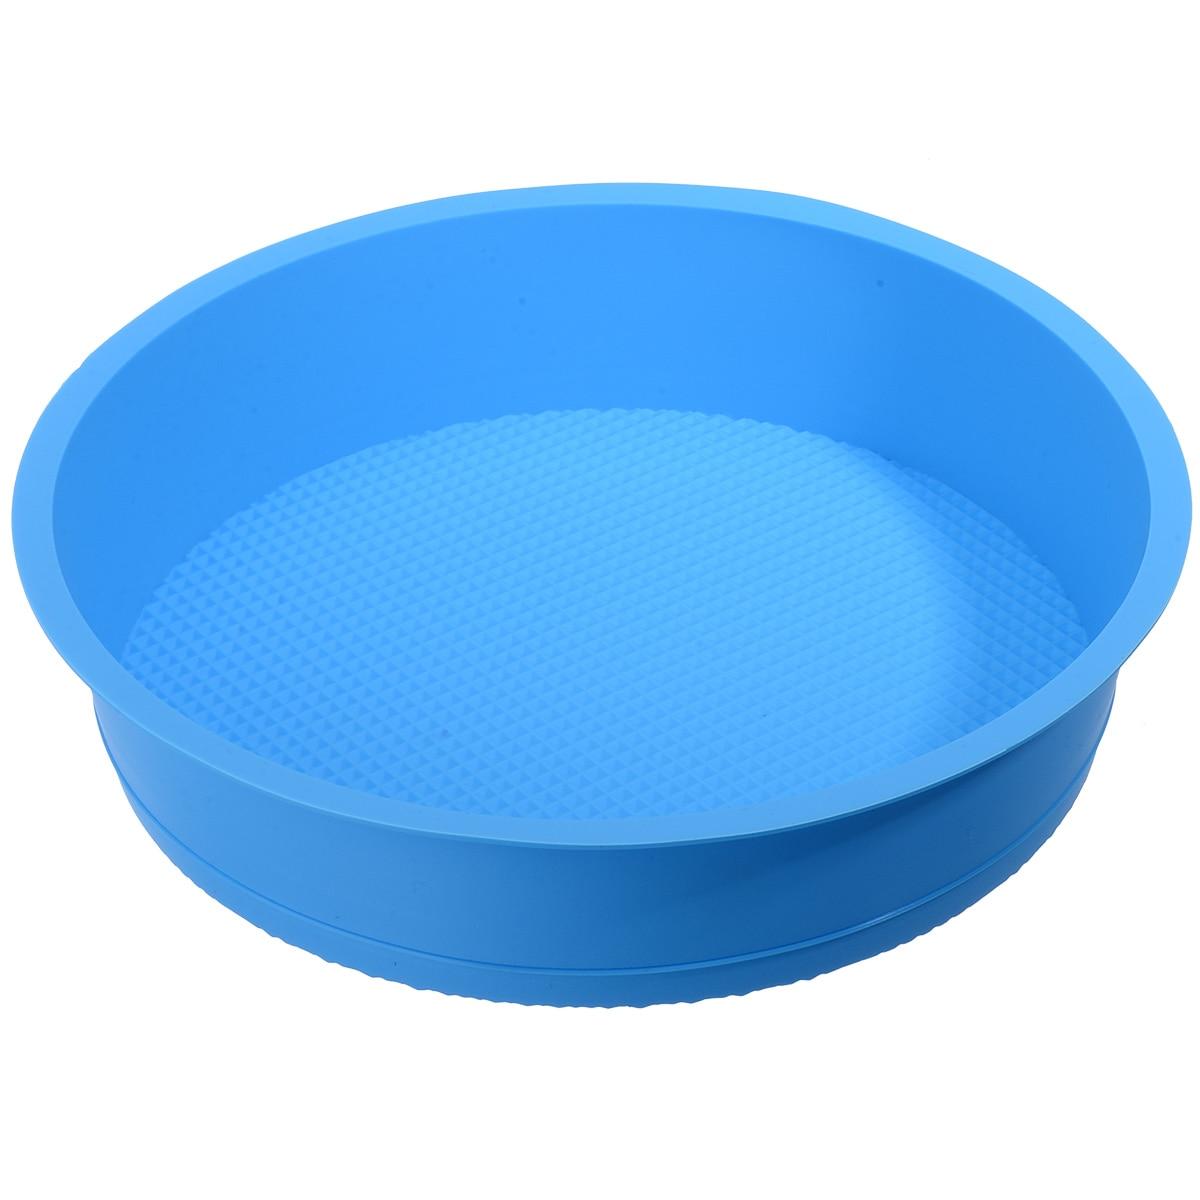 1件3D硅胶蛋糕模具盘巧克力Chese制作模具圆形面包糕点模具烘焙糕点工具烹饪工具床制作工具